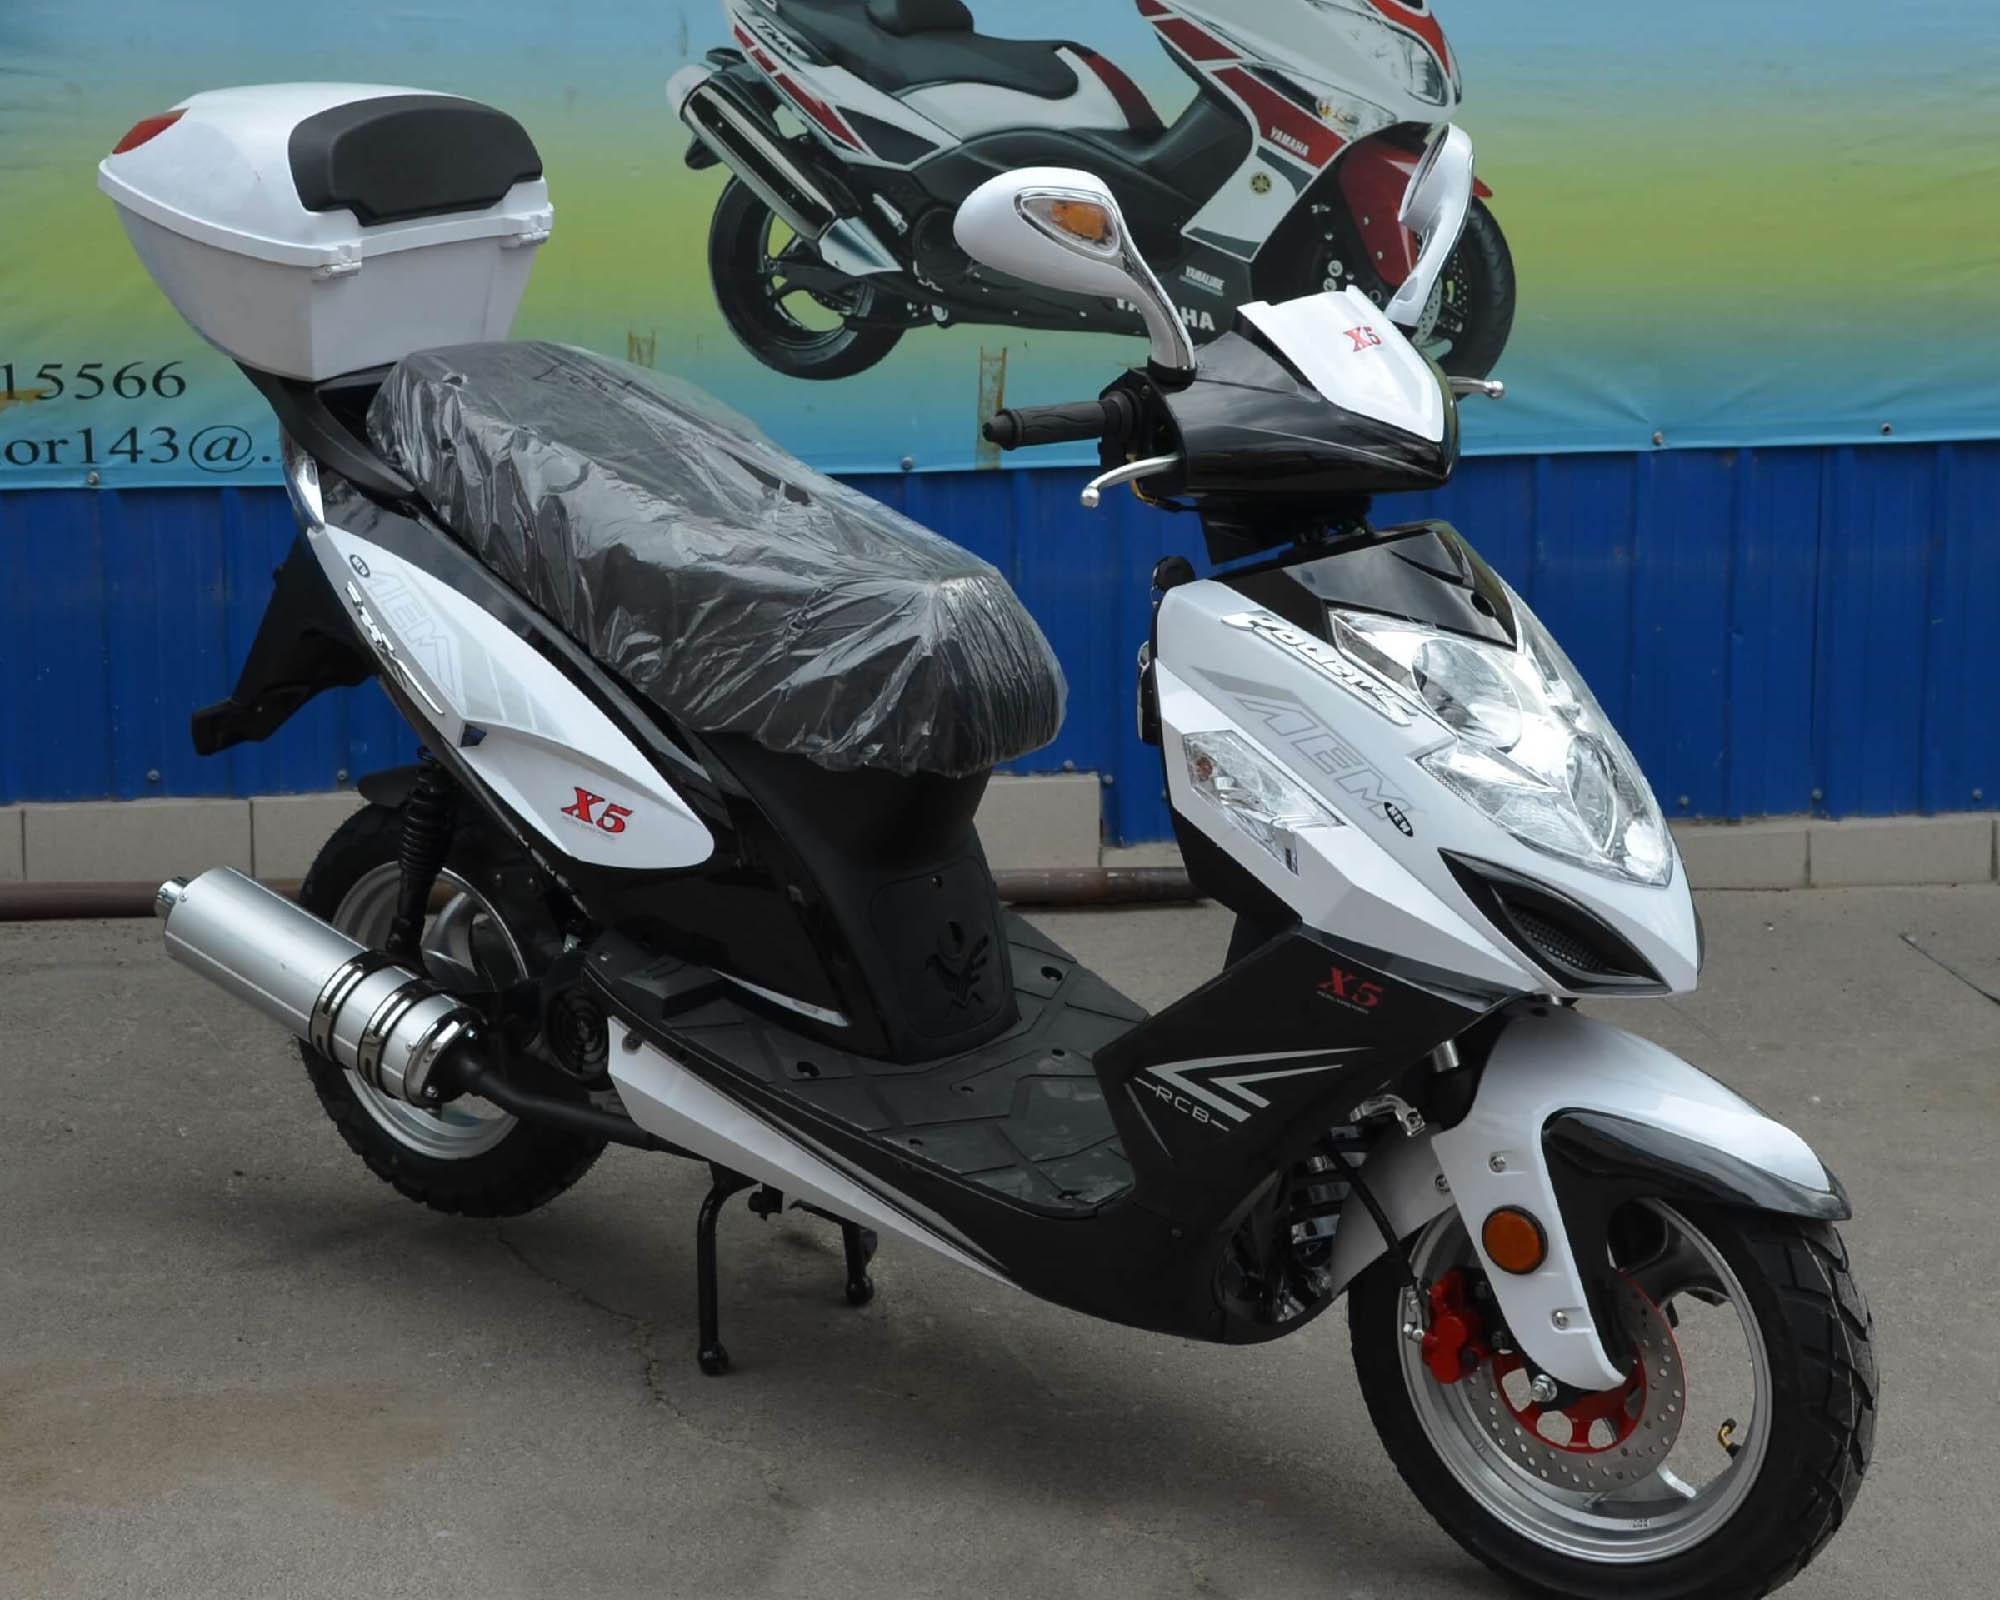 Скутер VS50QT-3 X5 цвет белый вид справа спереди купить по низкой цене